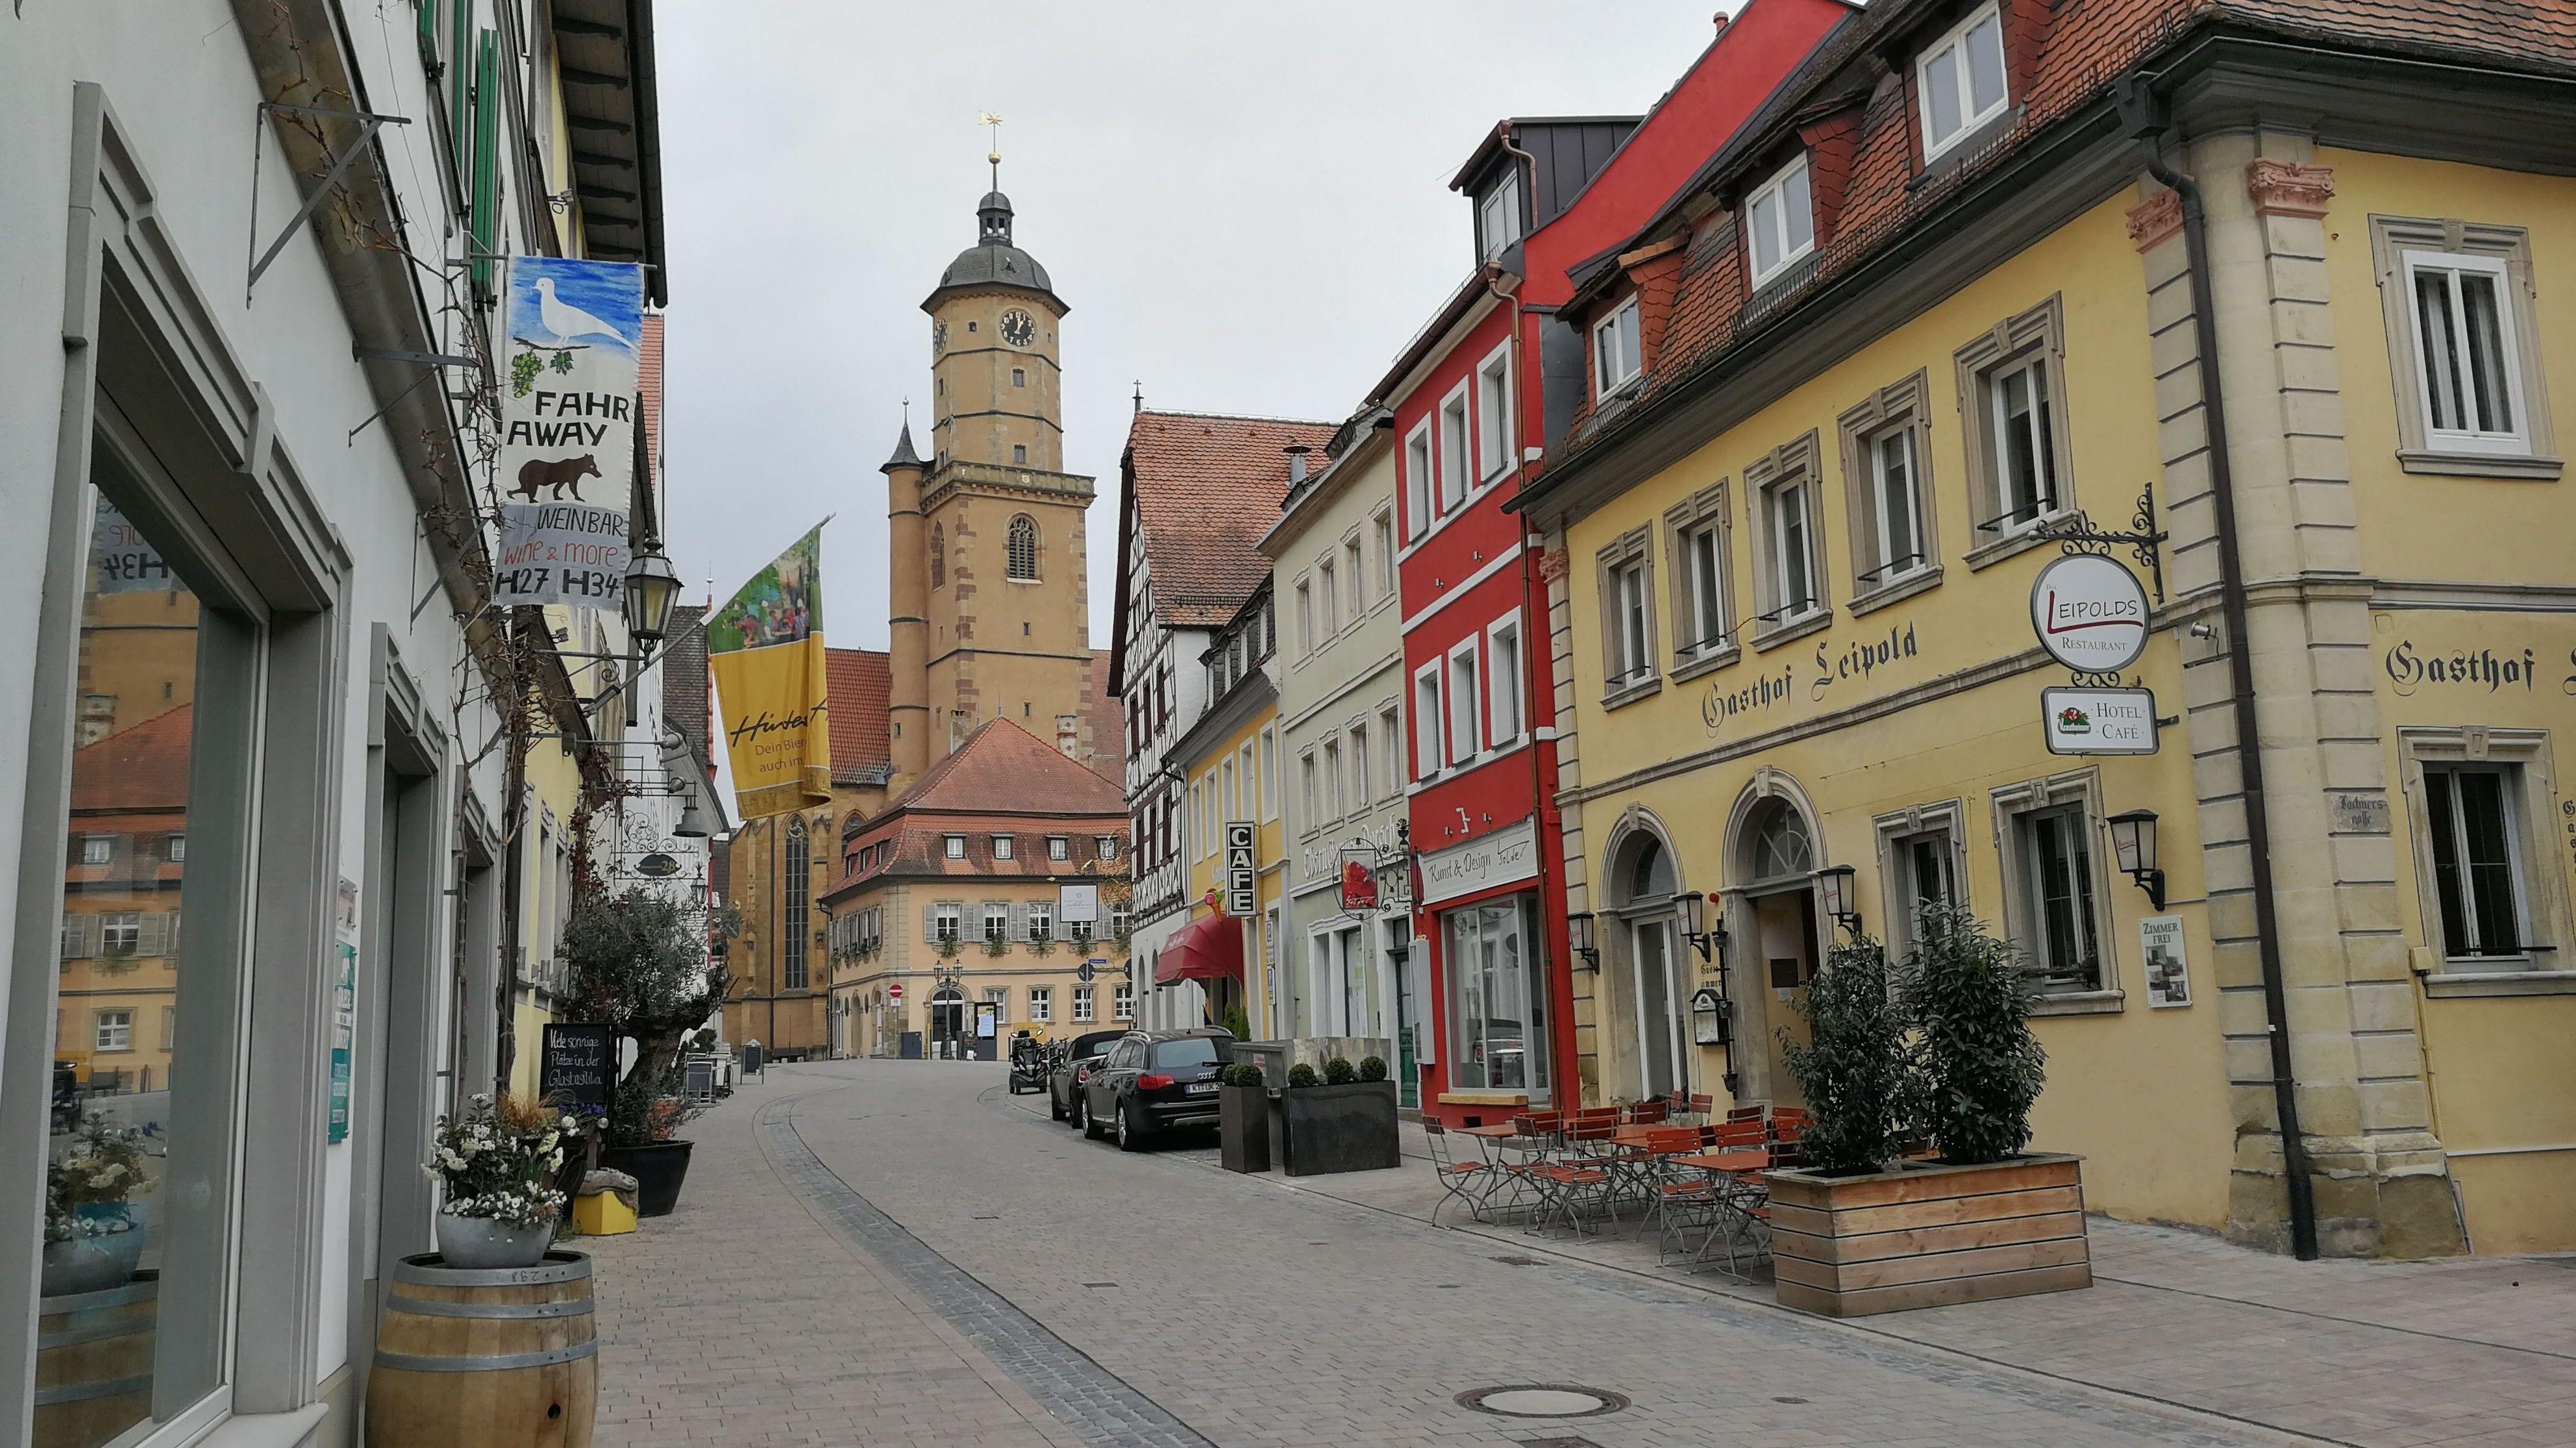 Menschenleere Hauptstraße im Touristenort Volkach